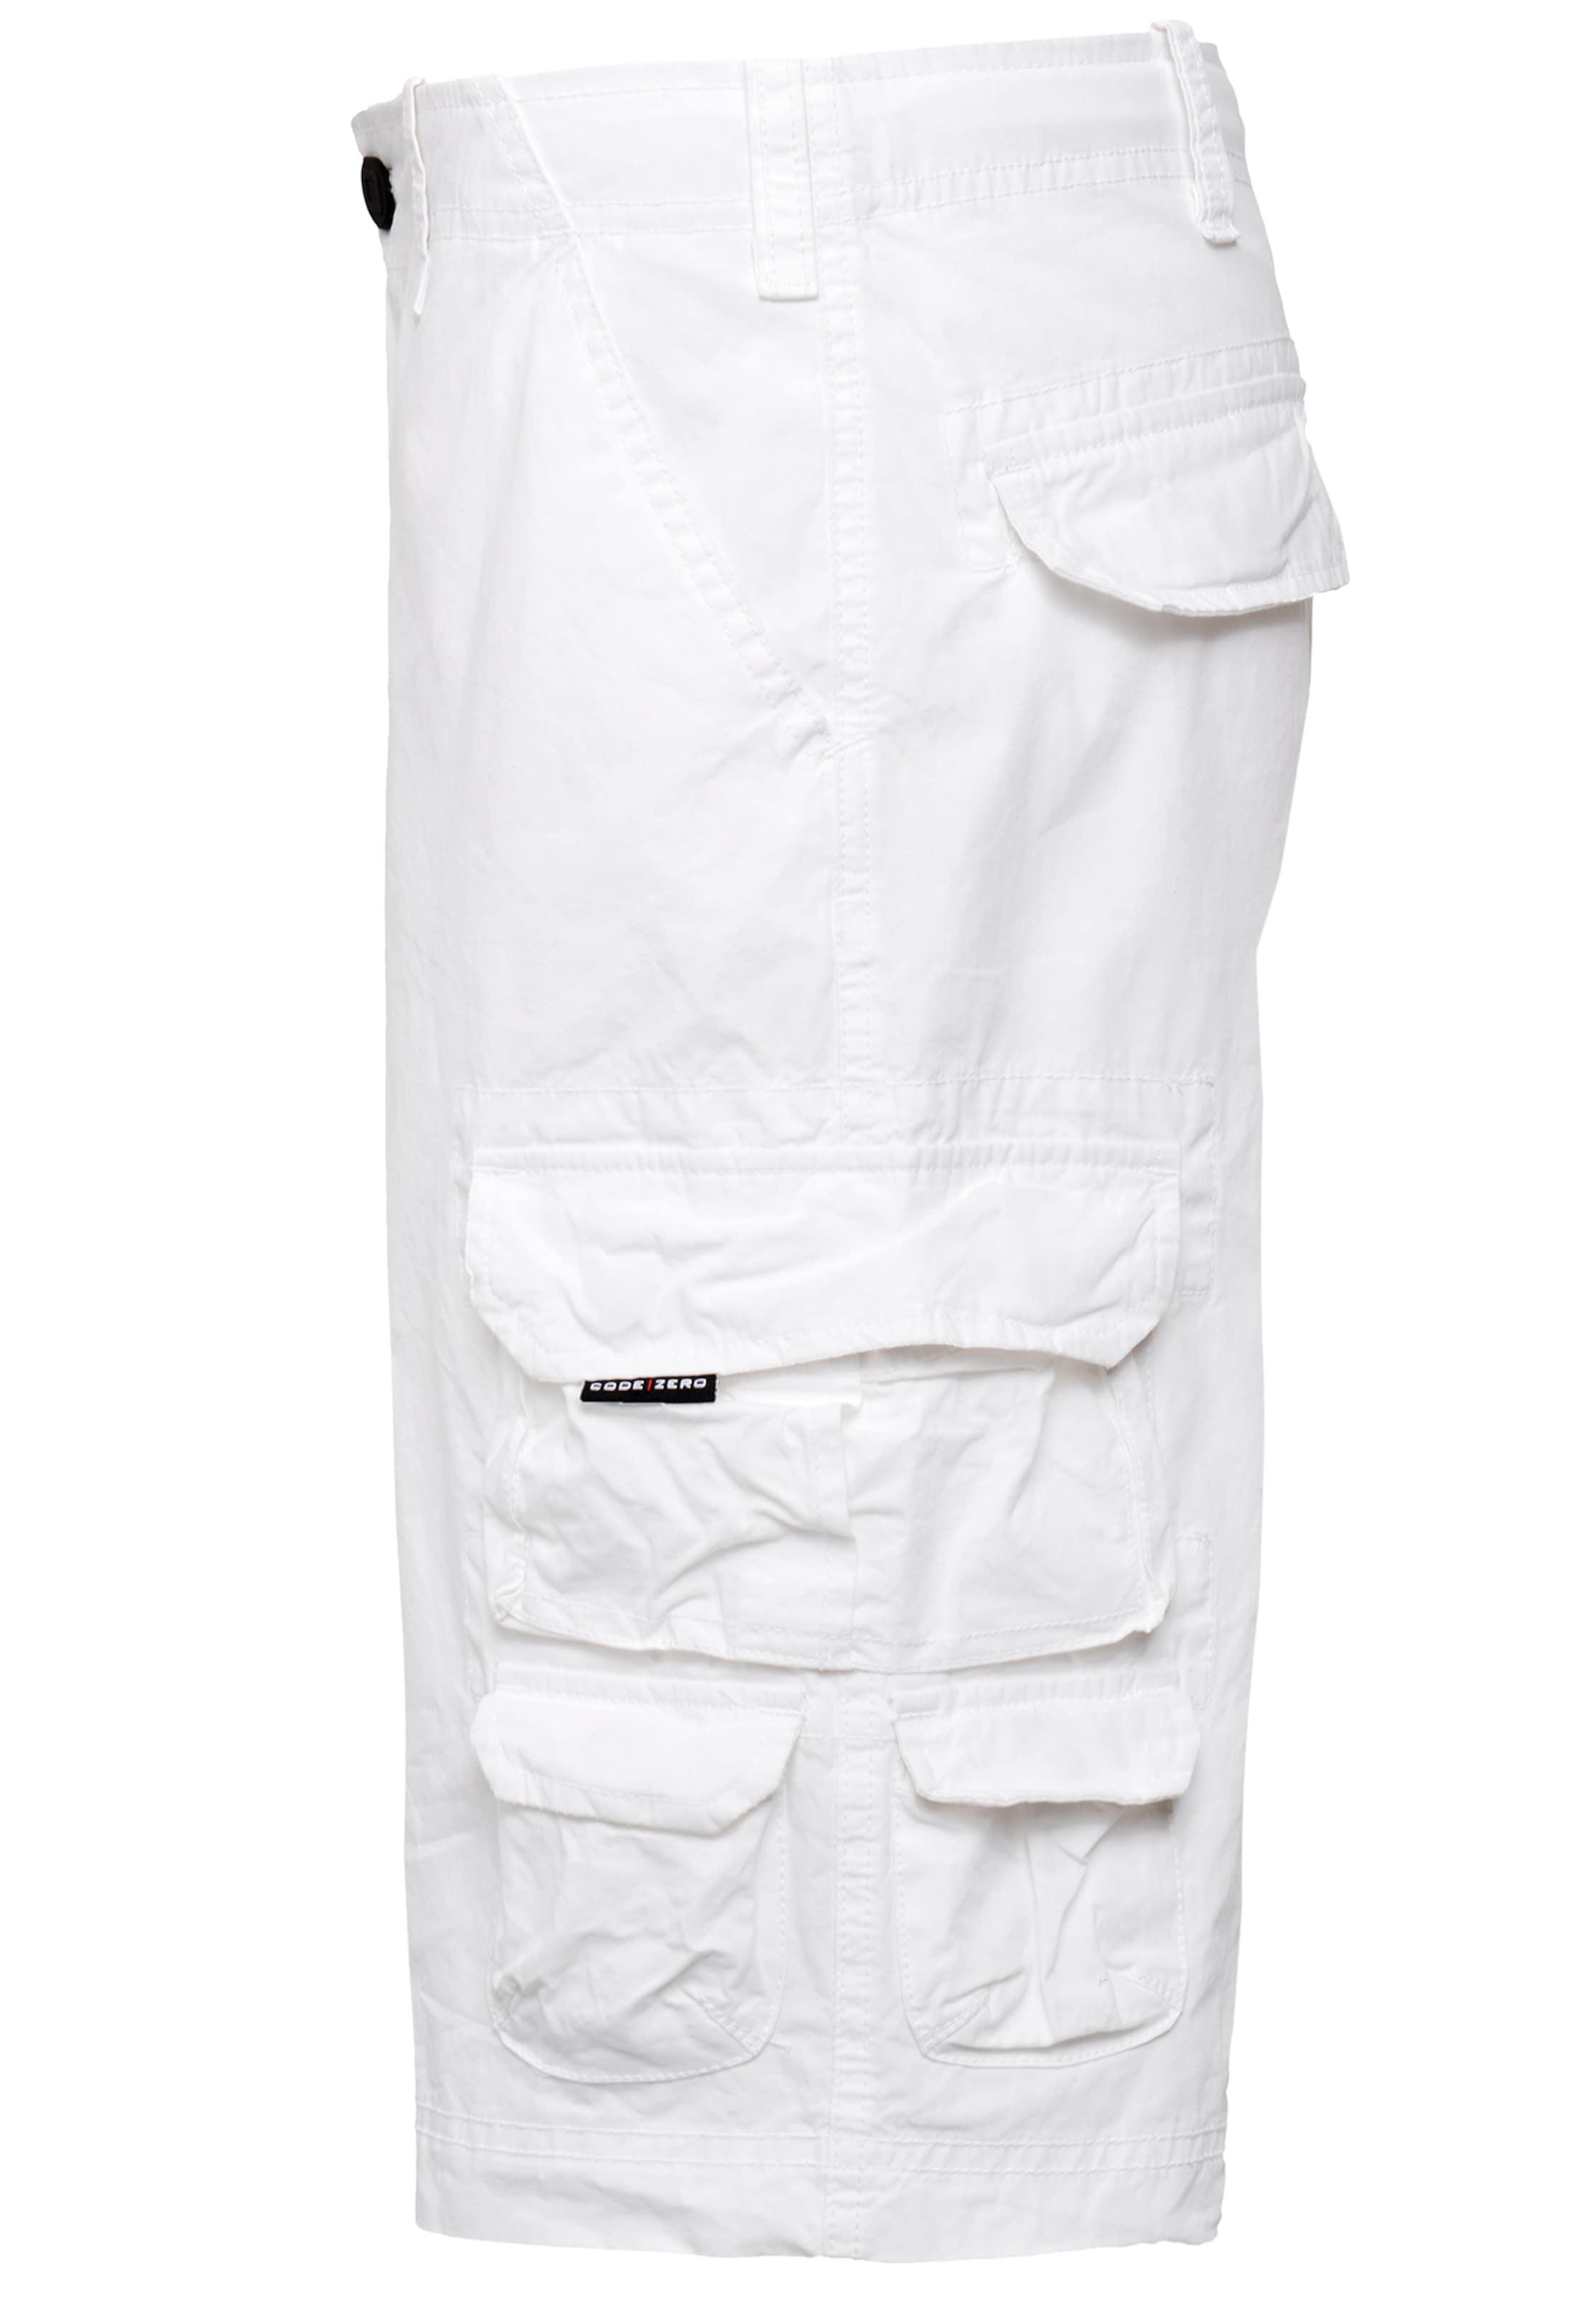 Shorts 'rudder' Weiß zero In Code OwvNm8n0y